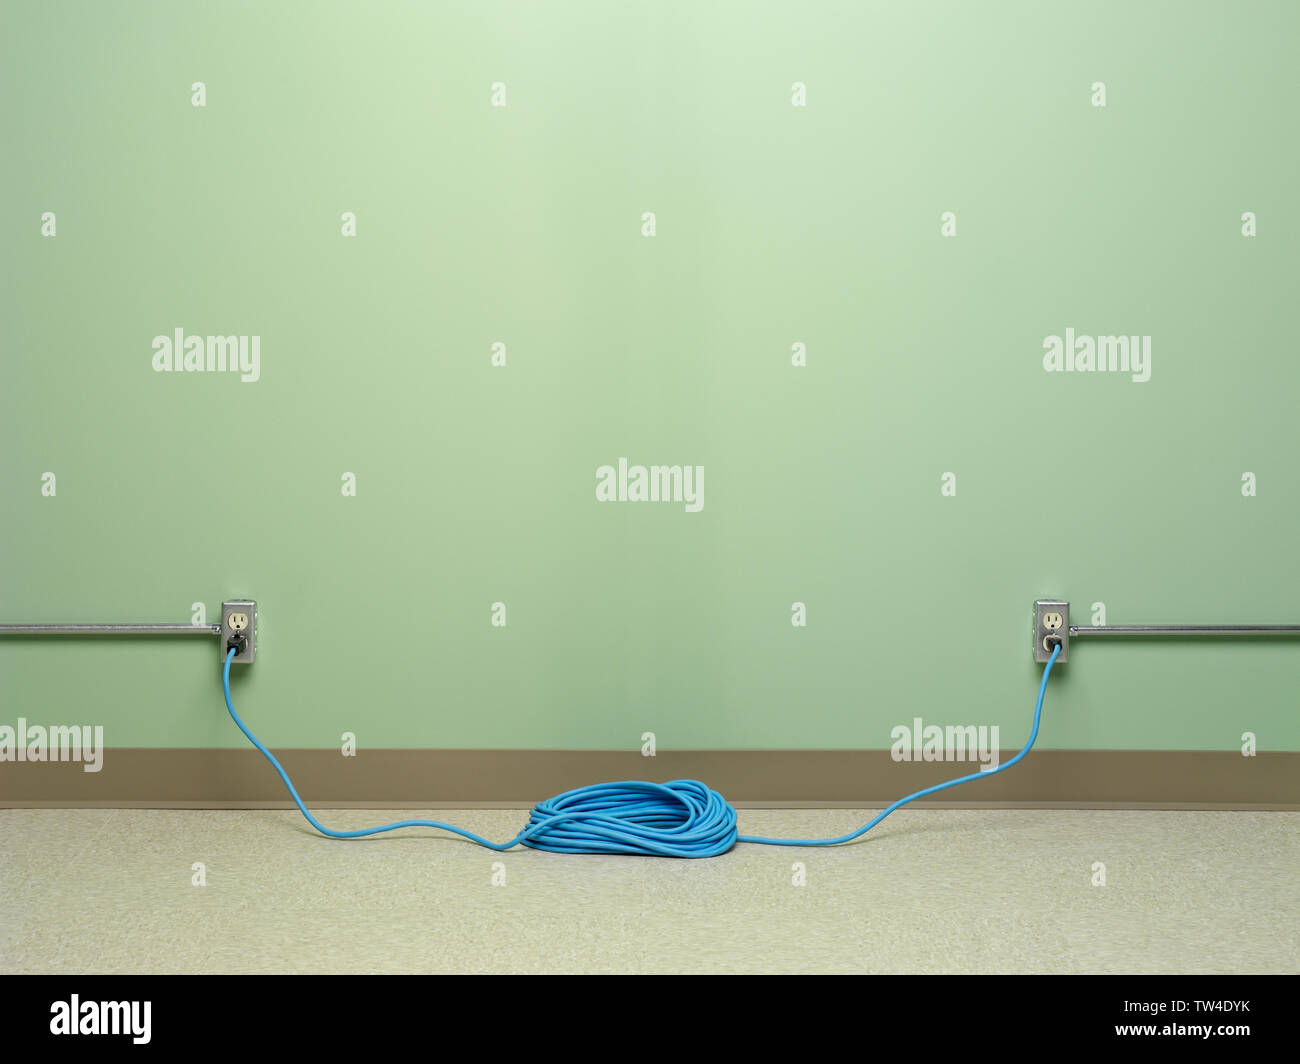 Câblage électrique dangereuse spirale bleu avec rallonge branchée sur deux AC prises murales sur mur vert Banque D'Images